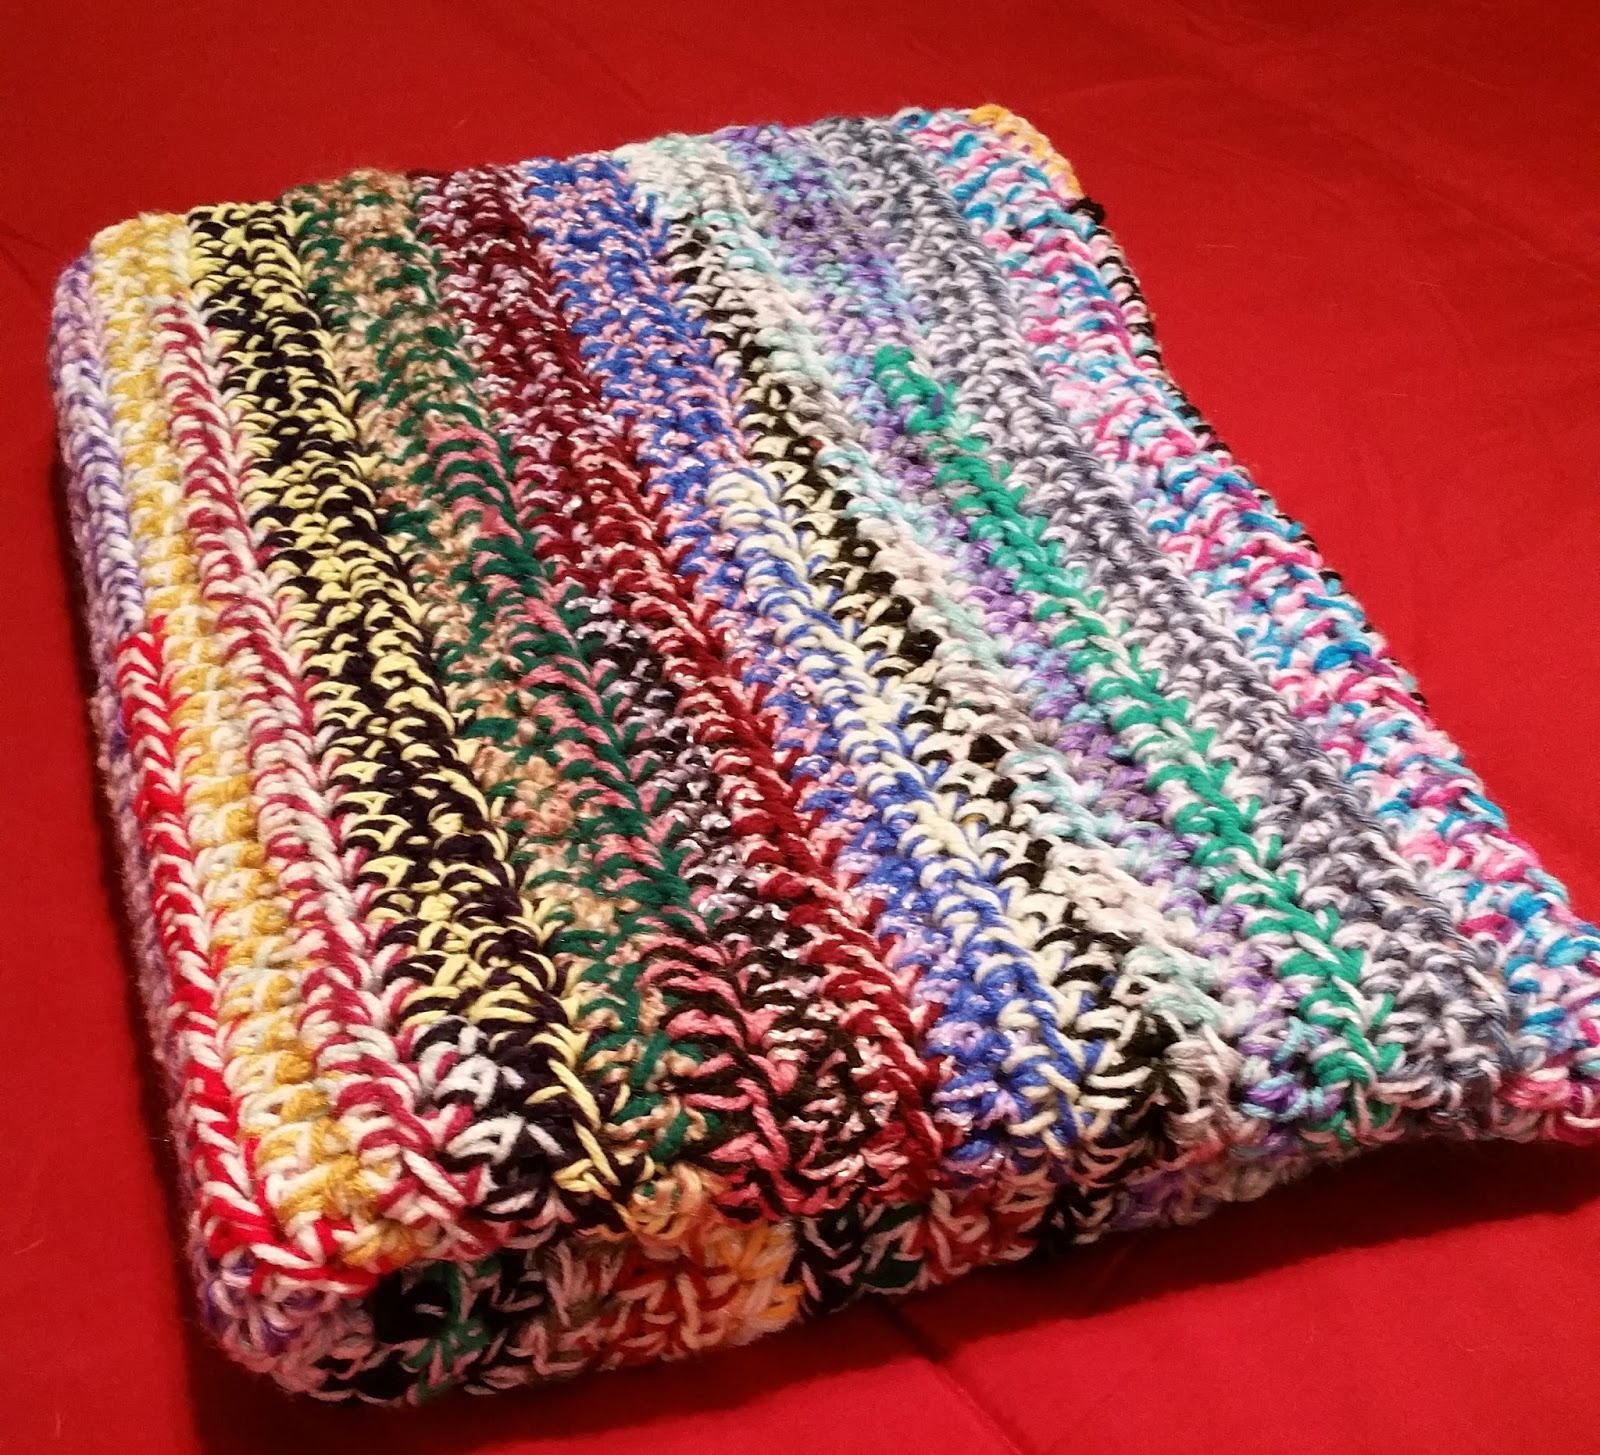 Scrapghan Crochet Free Pattern Scrap Diy Mom Scrapghan Lapghan Makes A Great Last Minute Holiday Gift